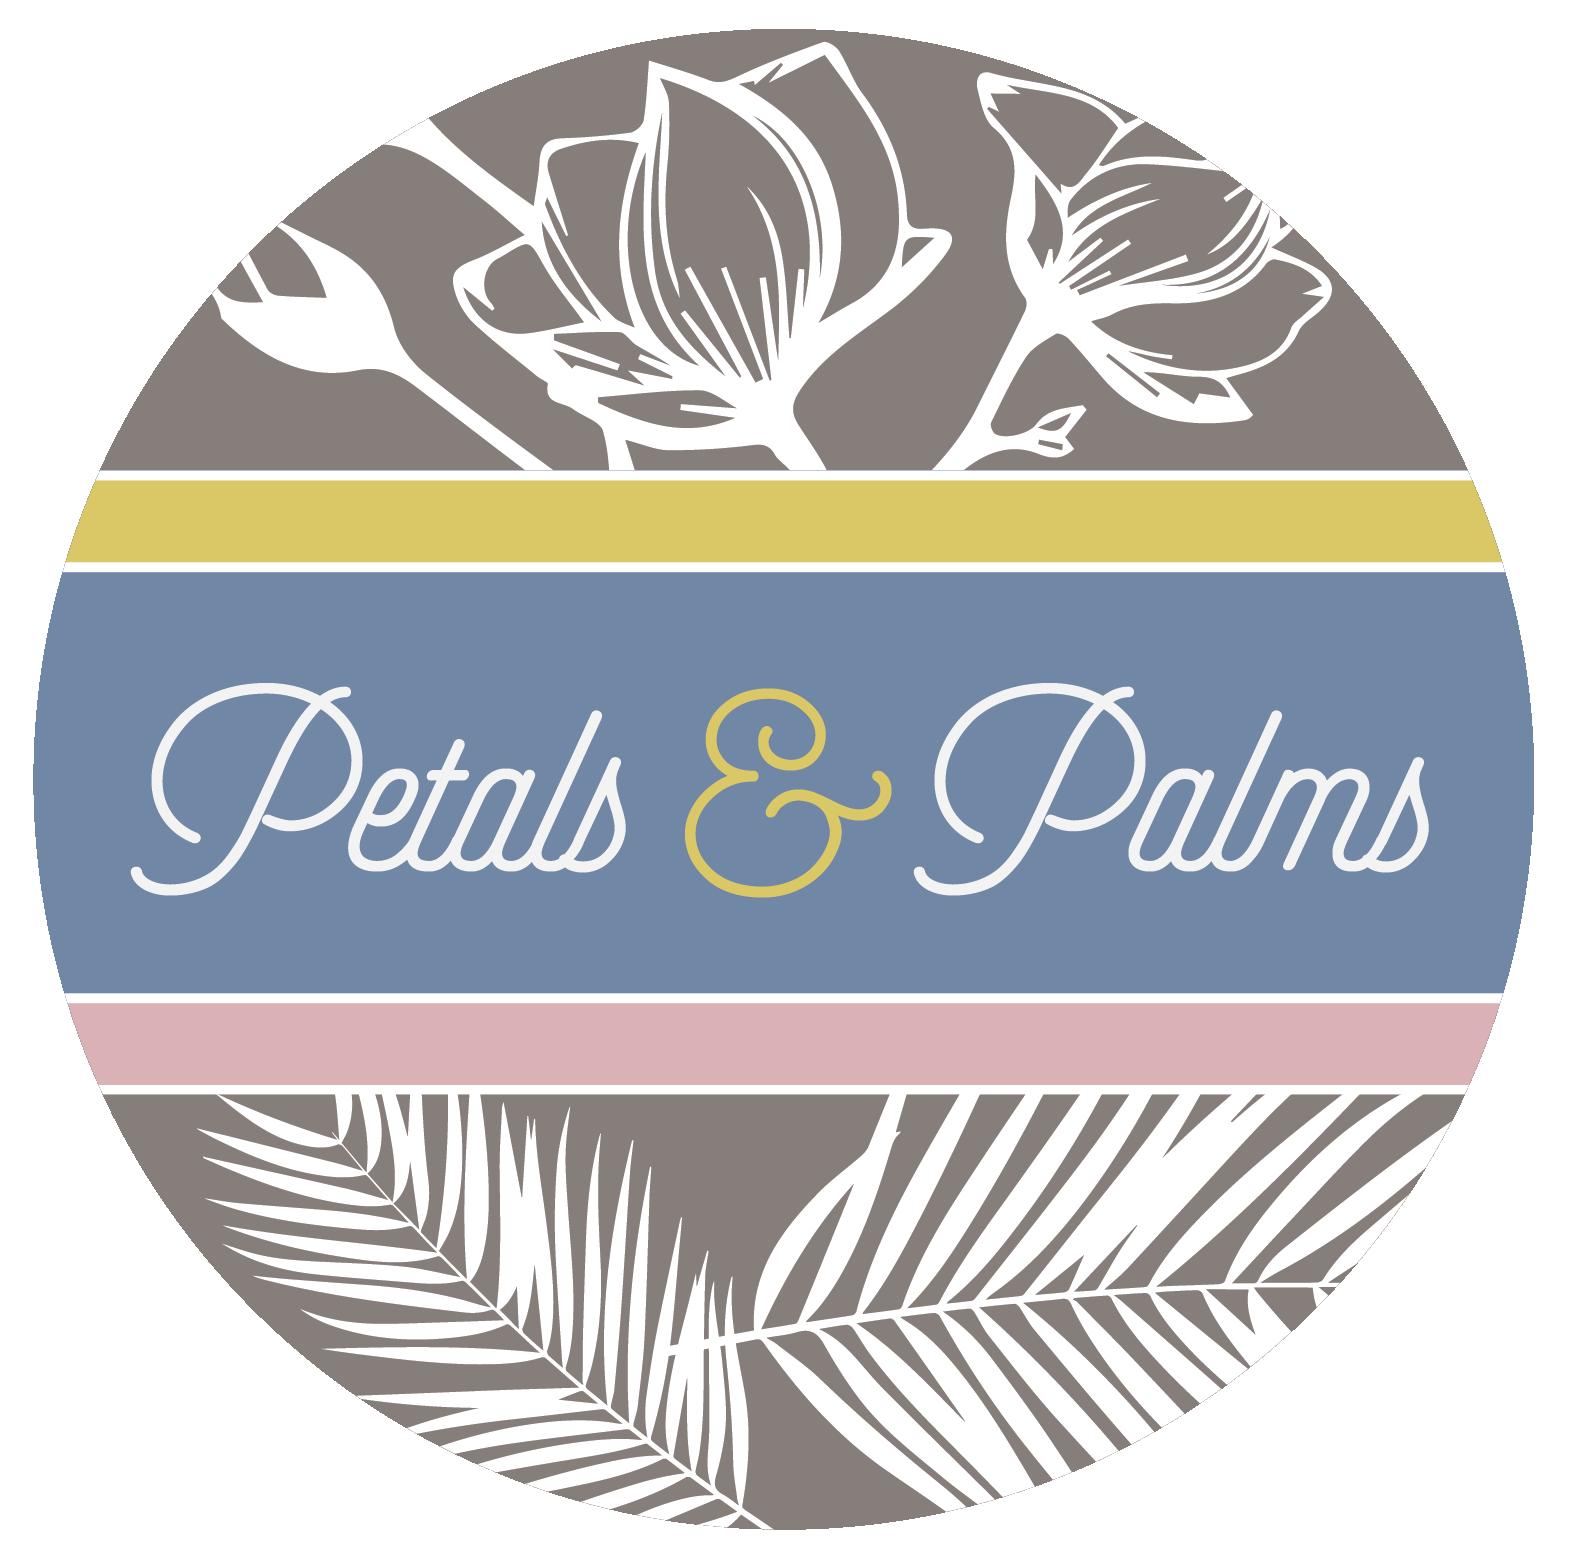 PP_logo-01.png